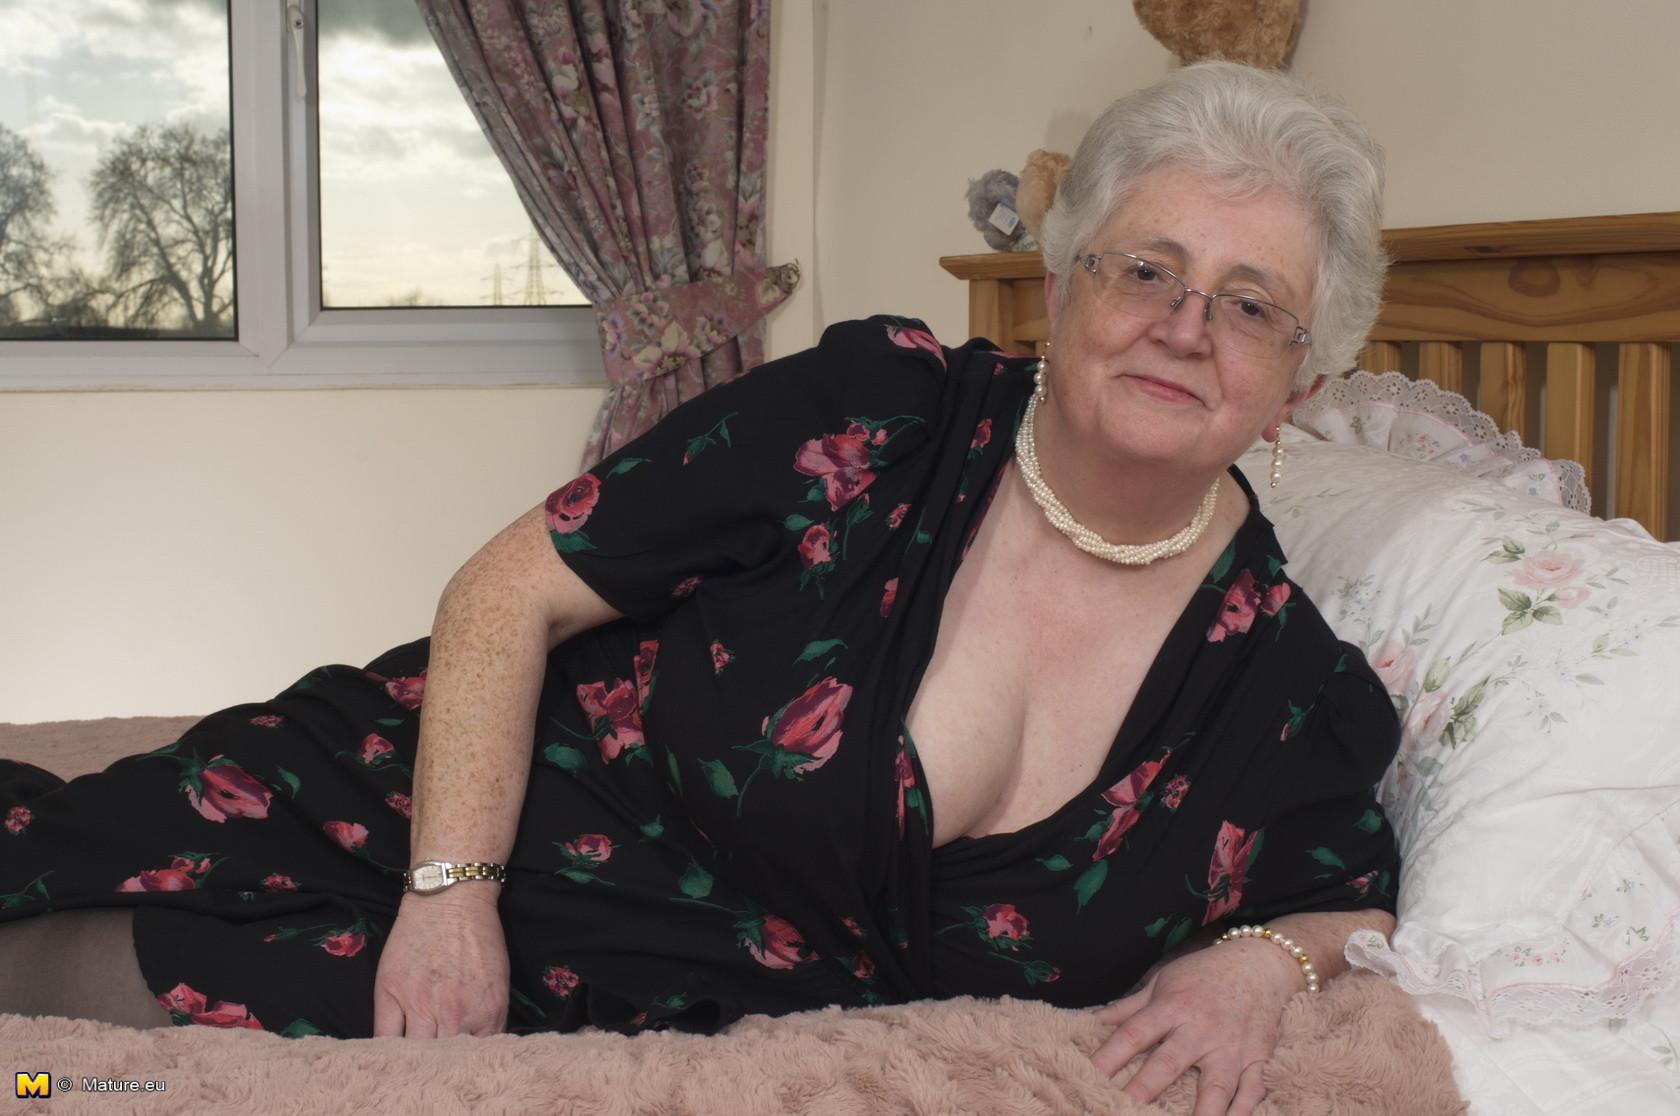 Emmerdale milf huge tits